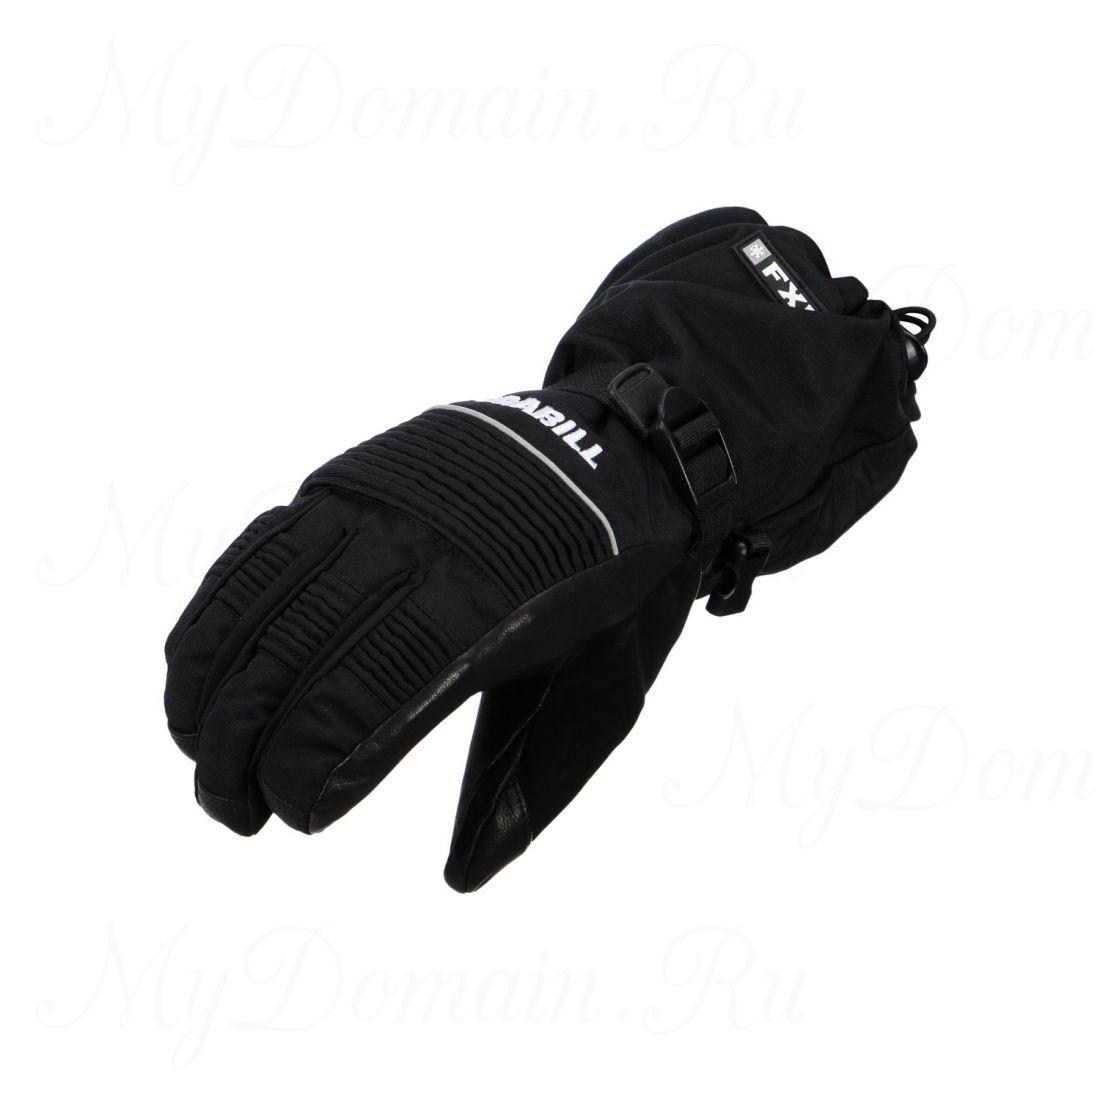 Перчатки Frabill FXE™ Gauntlet GLOVE водо/ветрозащитные дышащие кожа черные размер XL